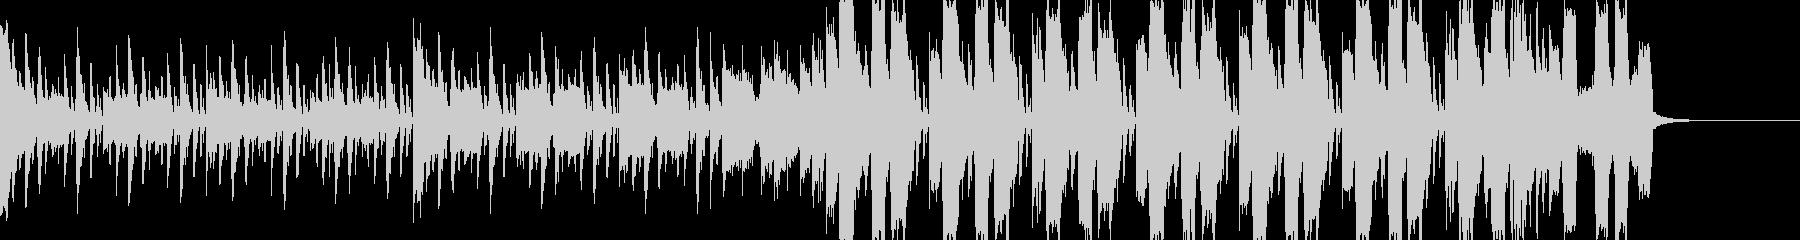 シンプルなチップチューンの未再生の波形